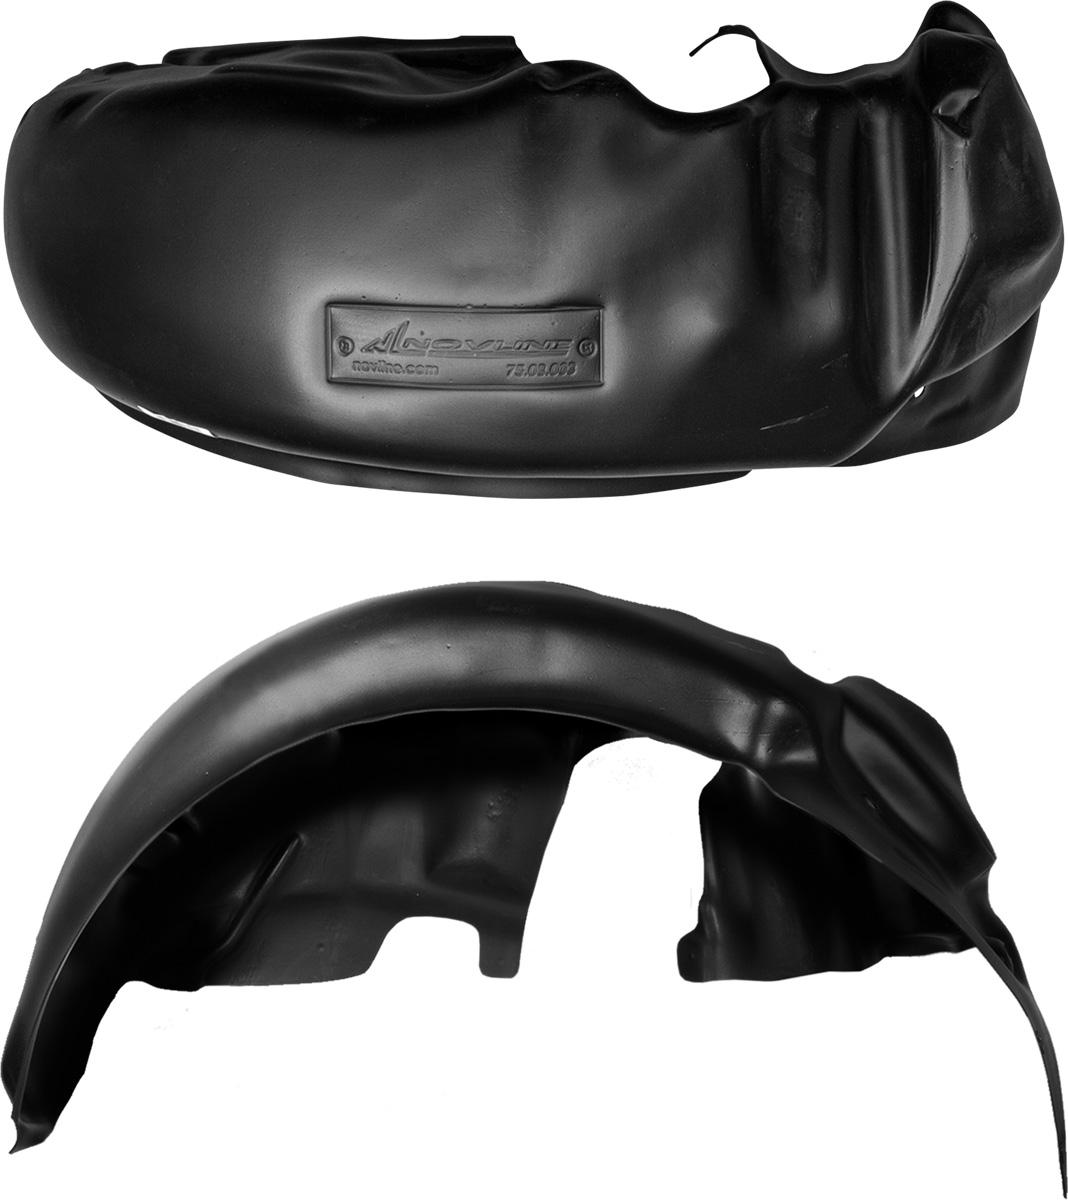 Подкрылок Novline-Autofamily, для Chevrolet Lacetti, 2004-2013, хэтчбек, седан, задний левый4503Колесные ниши - одни из самых уязвимых зон днища вашего автомобиля. Они постоянно подвергаются воздействию со стороны дороги. Лучшая, почти абсолютная защита для них - специально отформованные пластиковые кожухи, которые называются подкрылками. Производятся они как для отечественных моделей автомобилей, так и для иномарок. Подкрылки Novline-Autofamily выполнены из высококачественного, экологически чистого пластика. Обеспечивают надежную защиту кузова автомобиля от пескоструйного эффекта и негативного влияния, агрессивных антигололедных реагентов. Пластик обладает более низкой теплопроводностью, чем металл, поэтому в зимний период эксплуатации использование пластиковых подкрылков позволяет лучше защитить колесные ниши от налипания снега и образования наледи. Оригинальность конструкции подчеркивает элегантность автомобиля, бережно защищает нанесенное на днище кузова антикоррозийное покрытие и позволяет осуществить крепление подкрылков внутри колесной арки практически без...